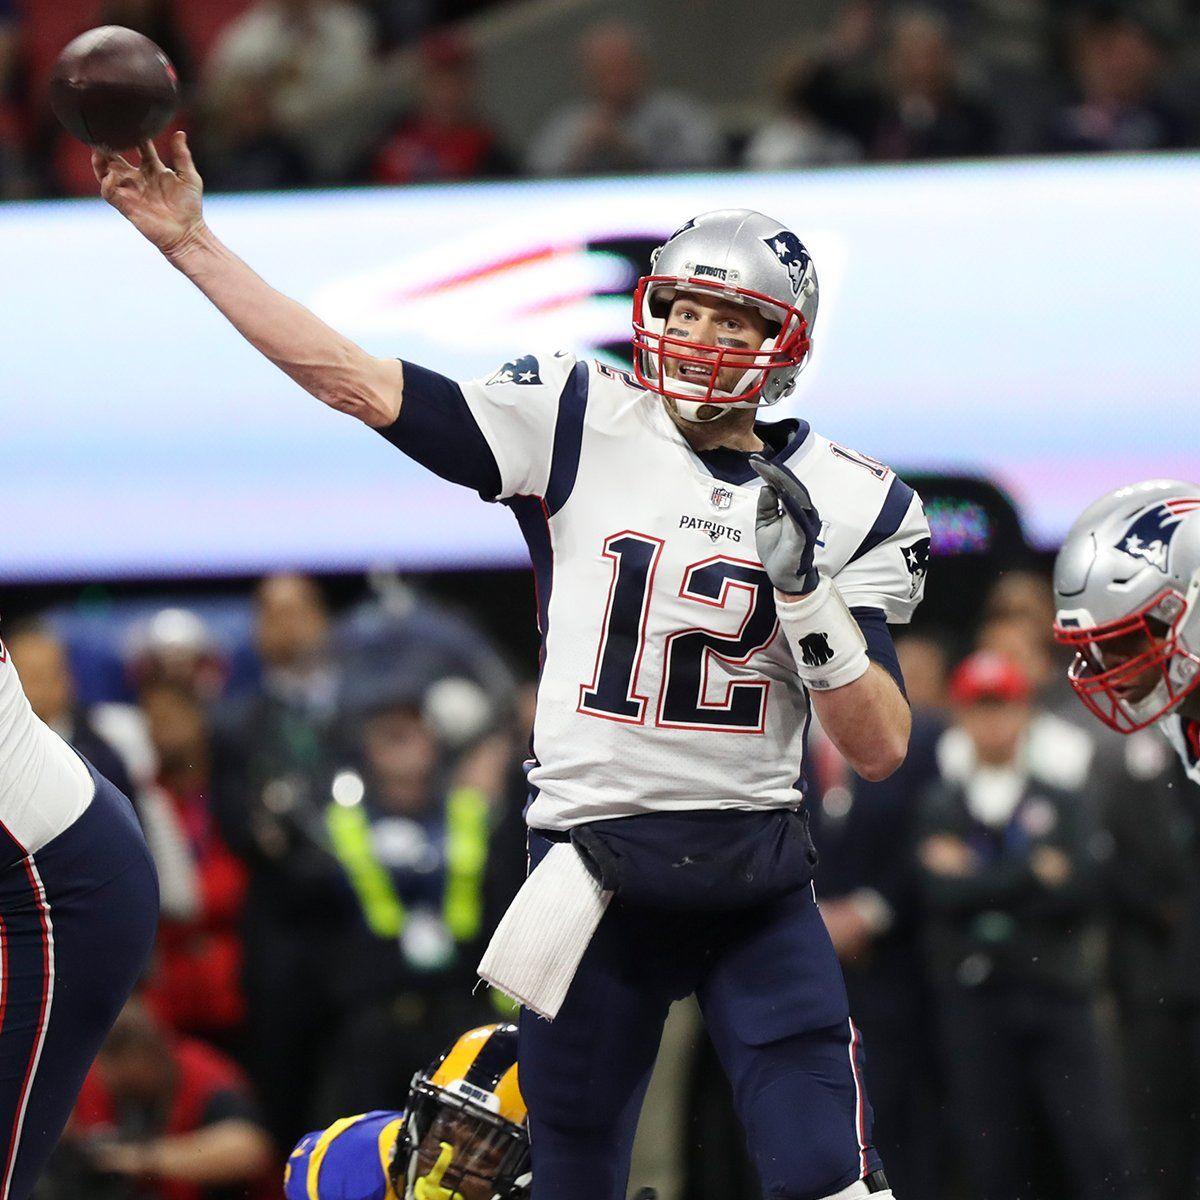 New England Patriots se coronó en el Super Bowl - Crédito: @NFL